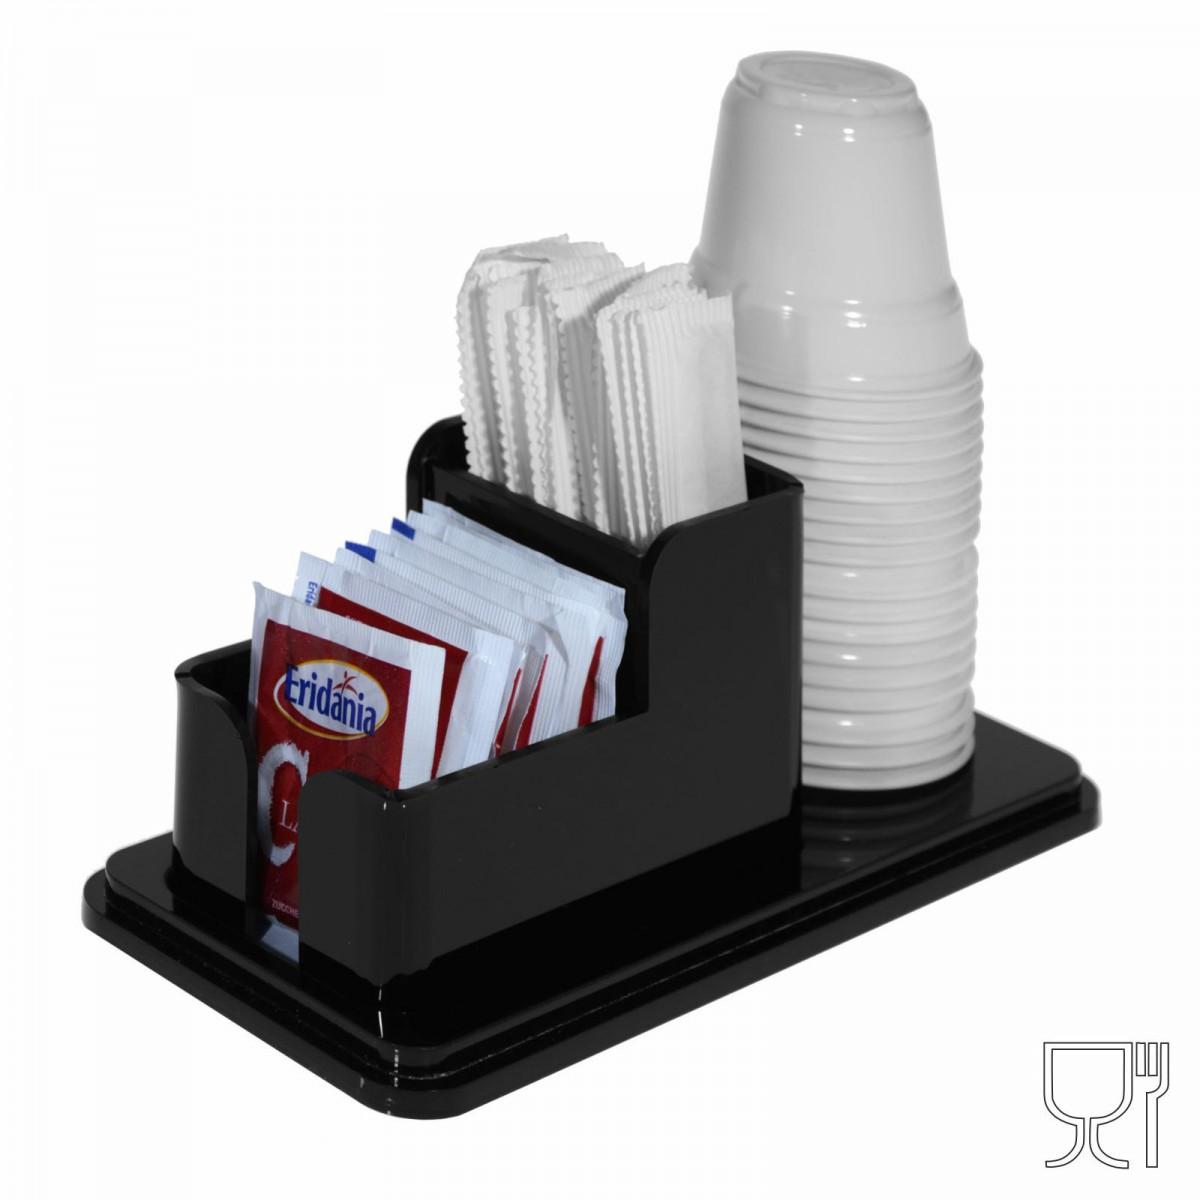 Bac pour sachets de sucre, agitateurs et gobelets en plexiglass noir à 3 positions - CM(LxPxH): 18x8